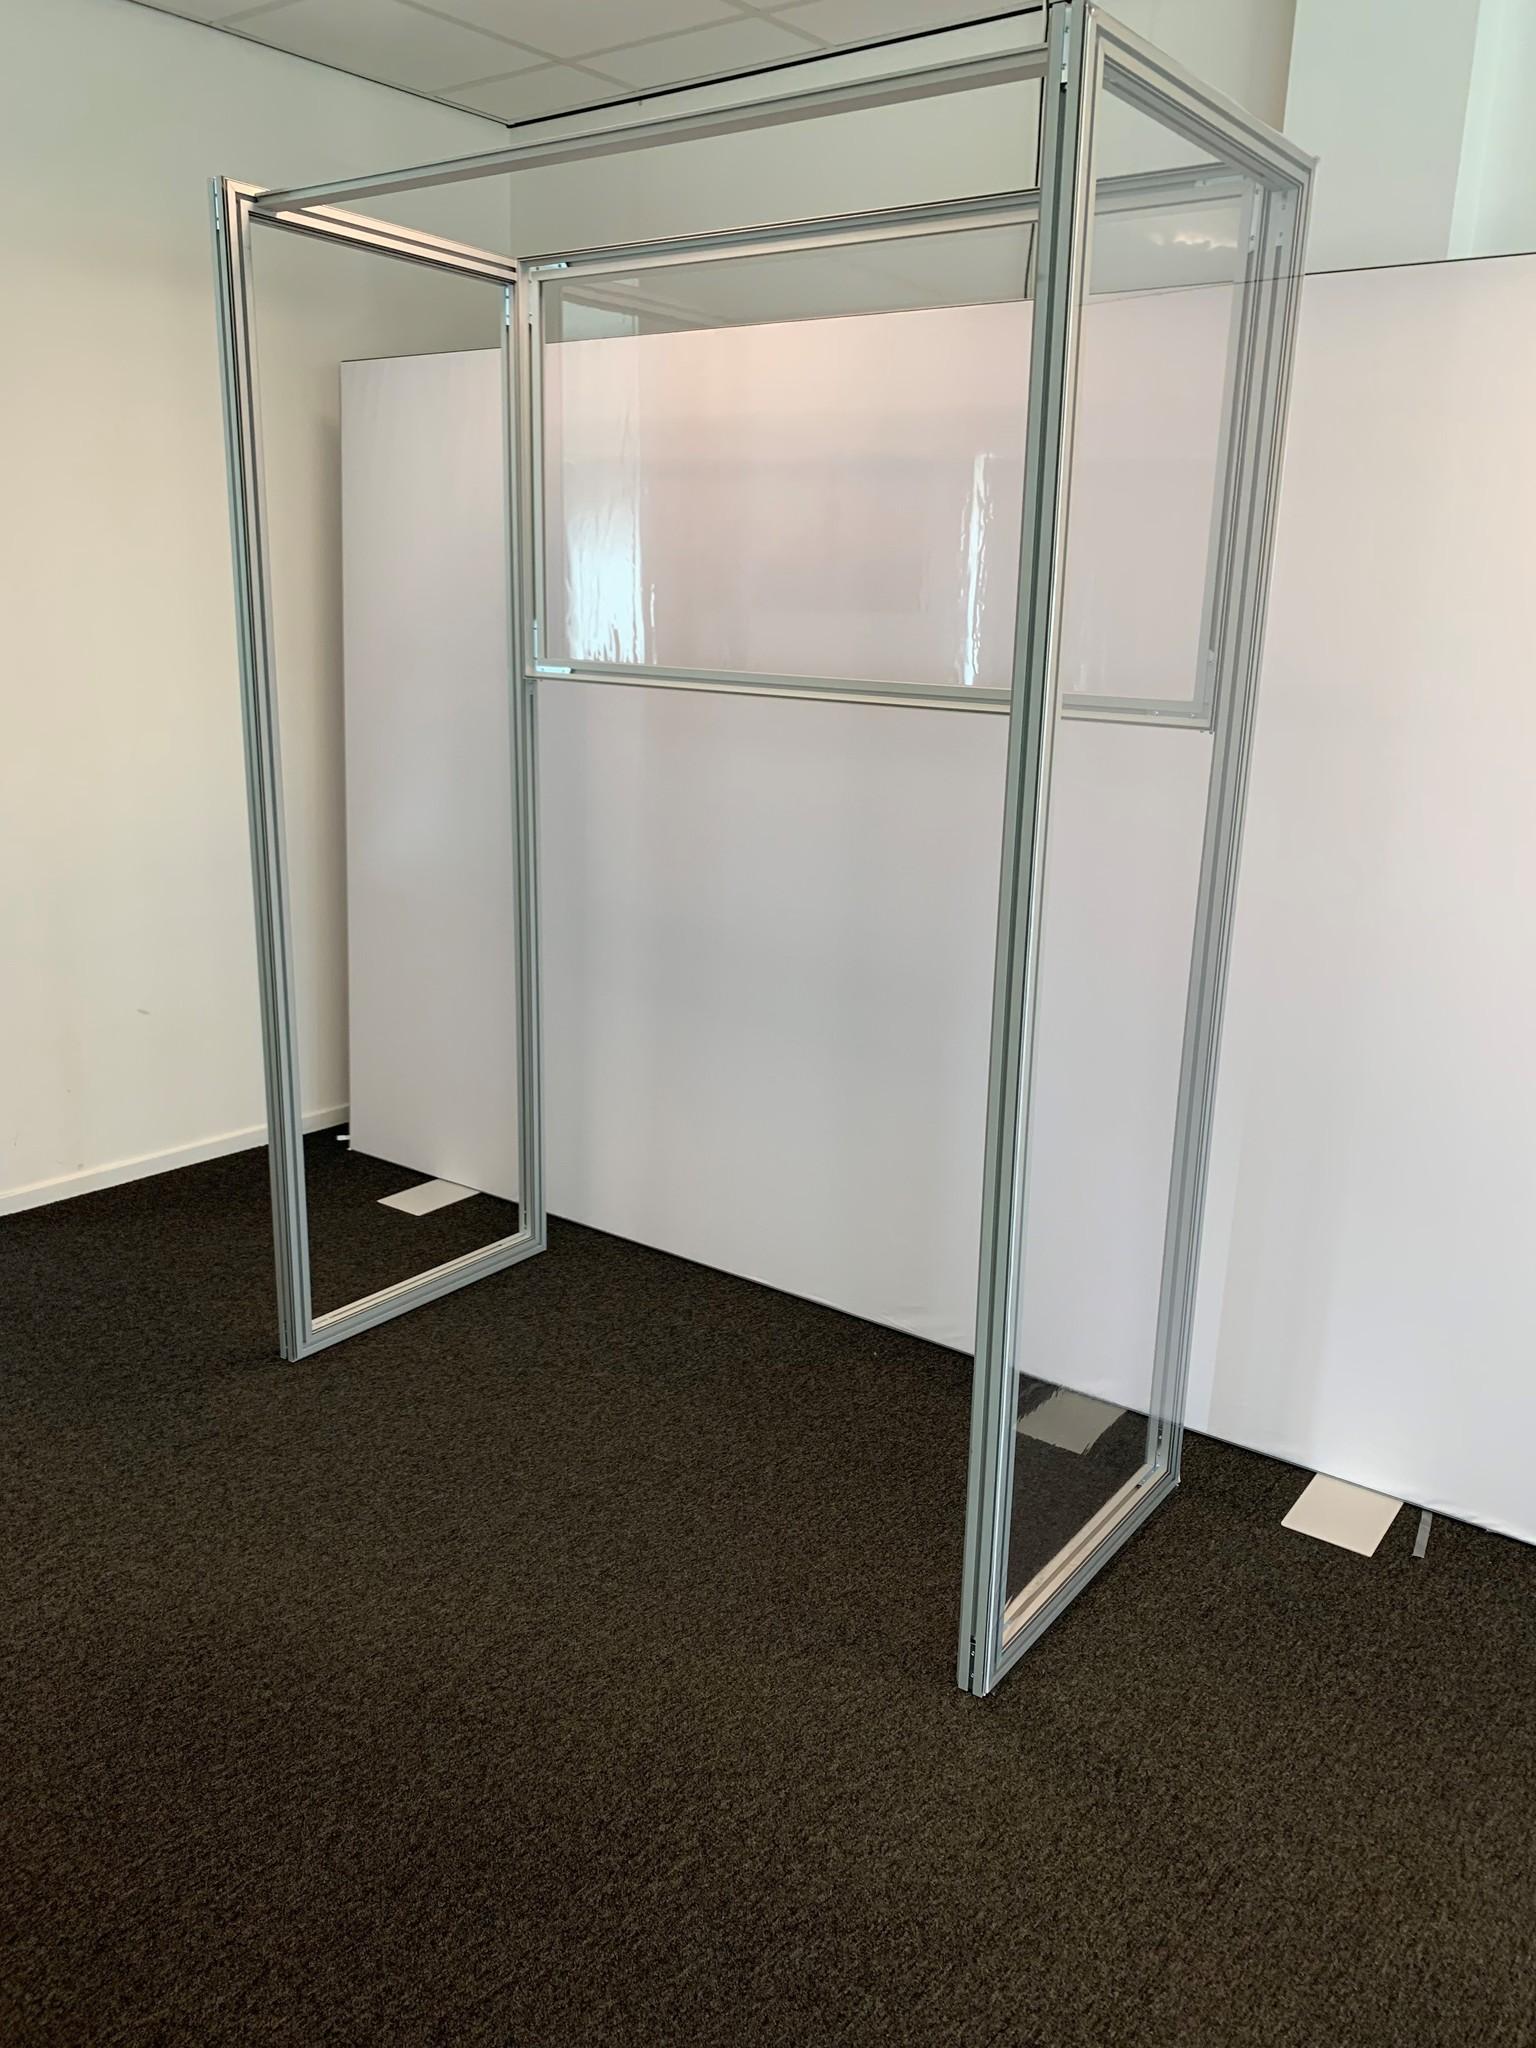 3d Counter model transparent cloth